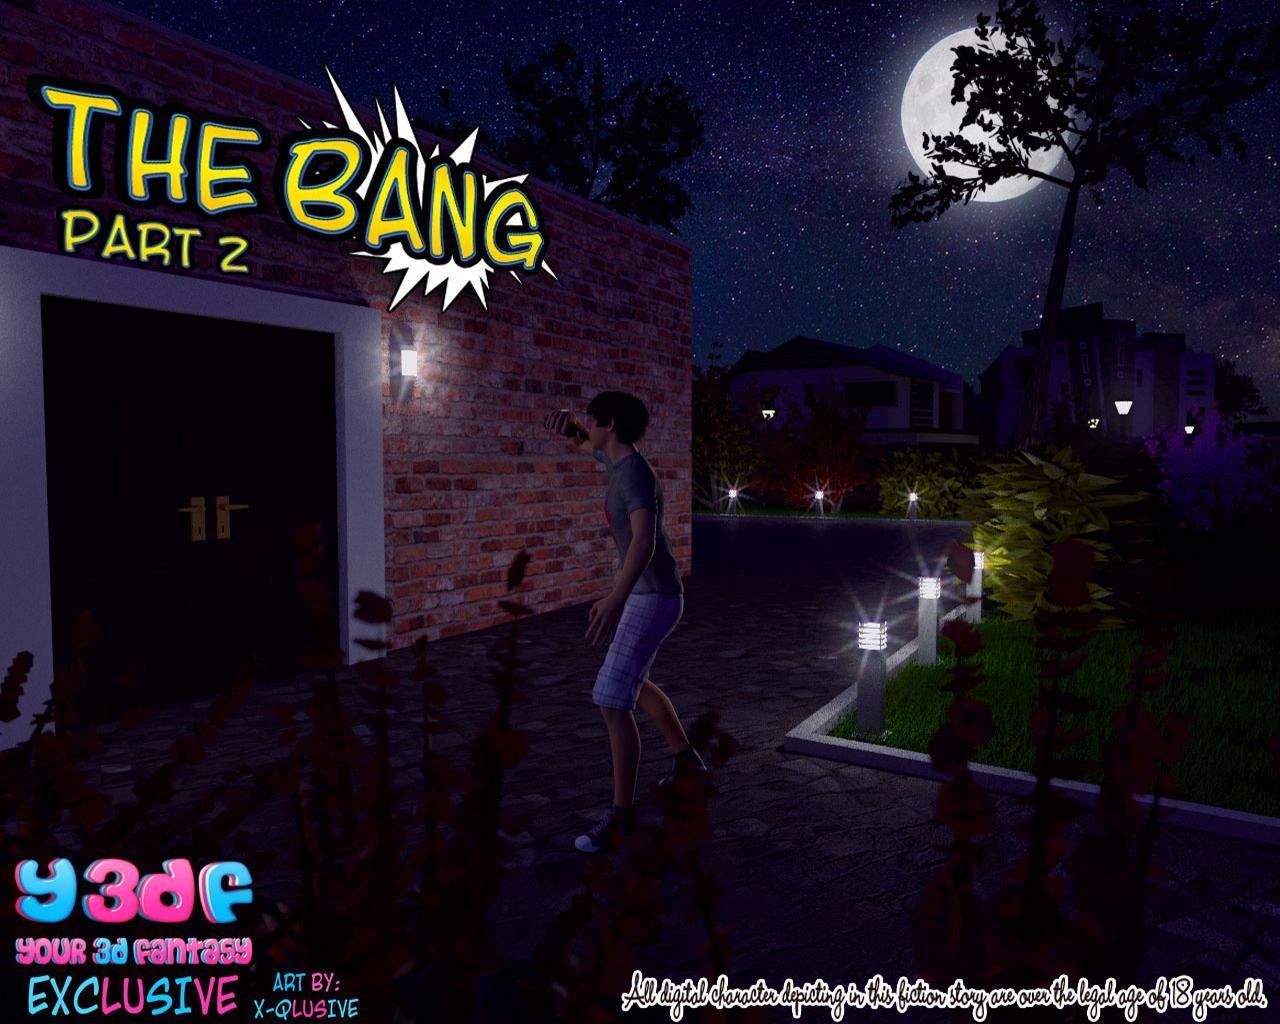 The BANG parte 2